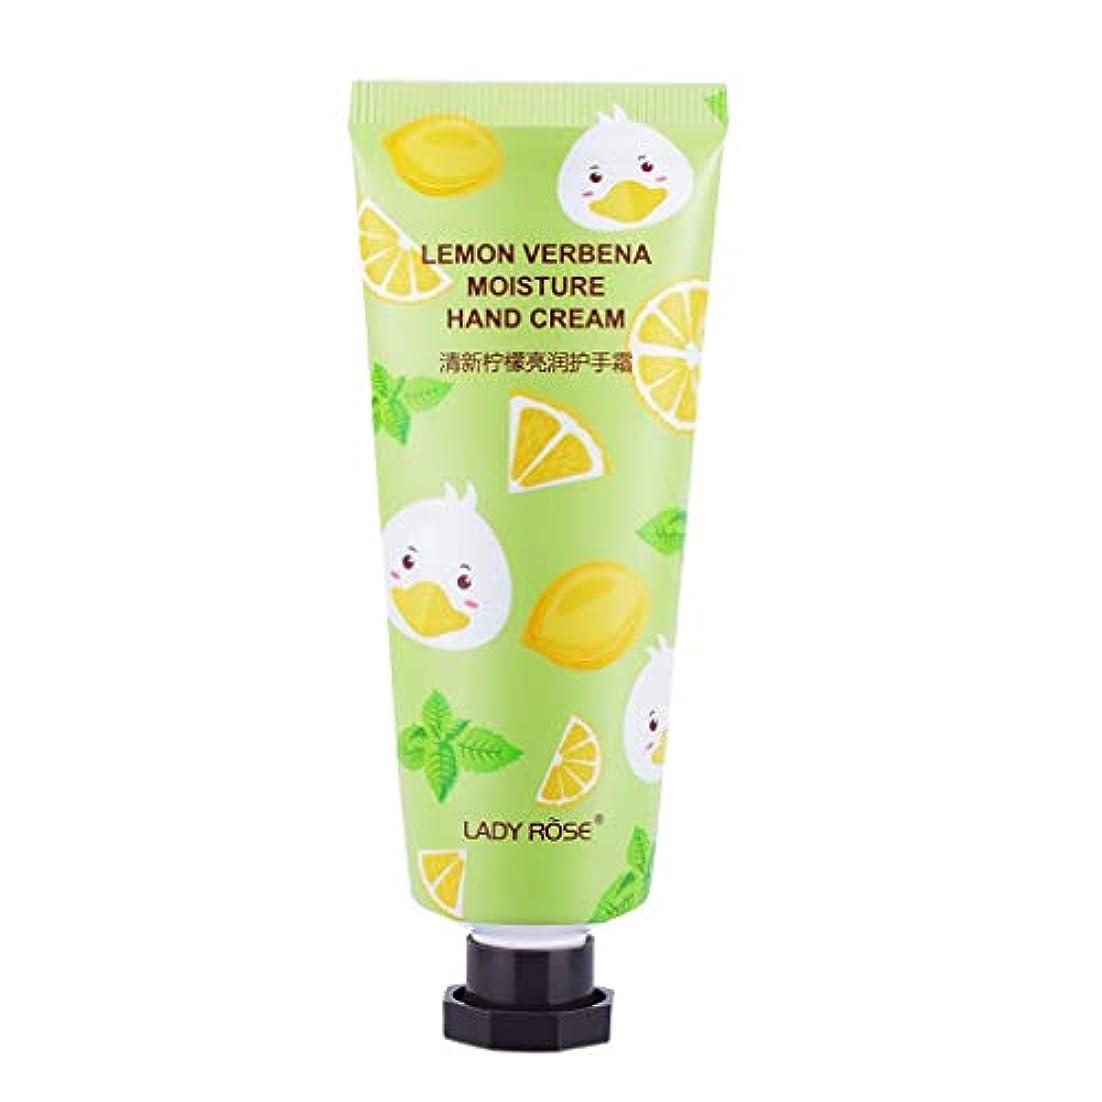 中世の石炭純粋なハンドクリーム 保湿 ローション 潤い スキンケア ハンドローション 3タイプ選べ - レモン